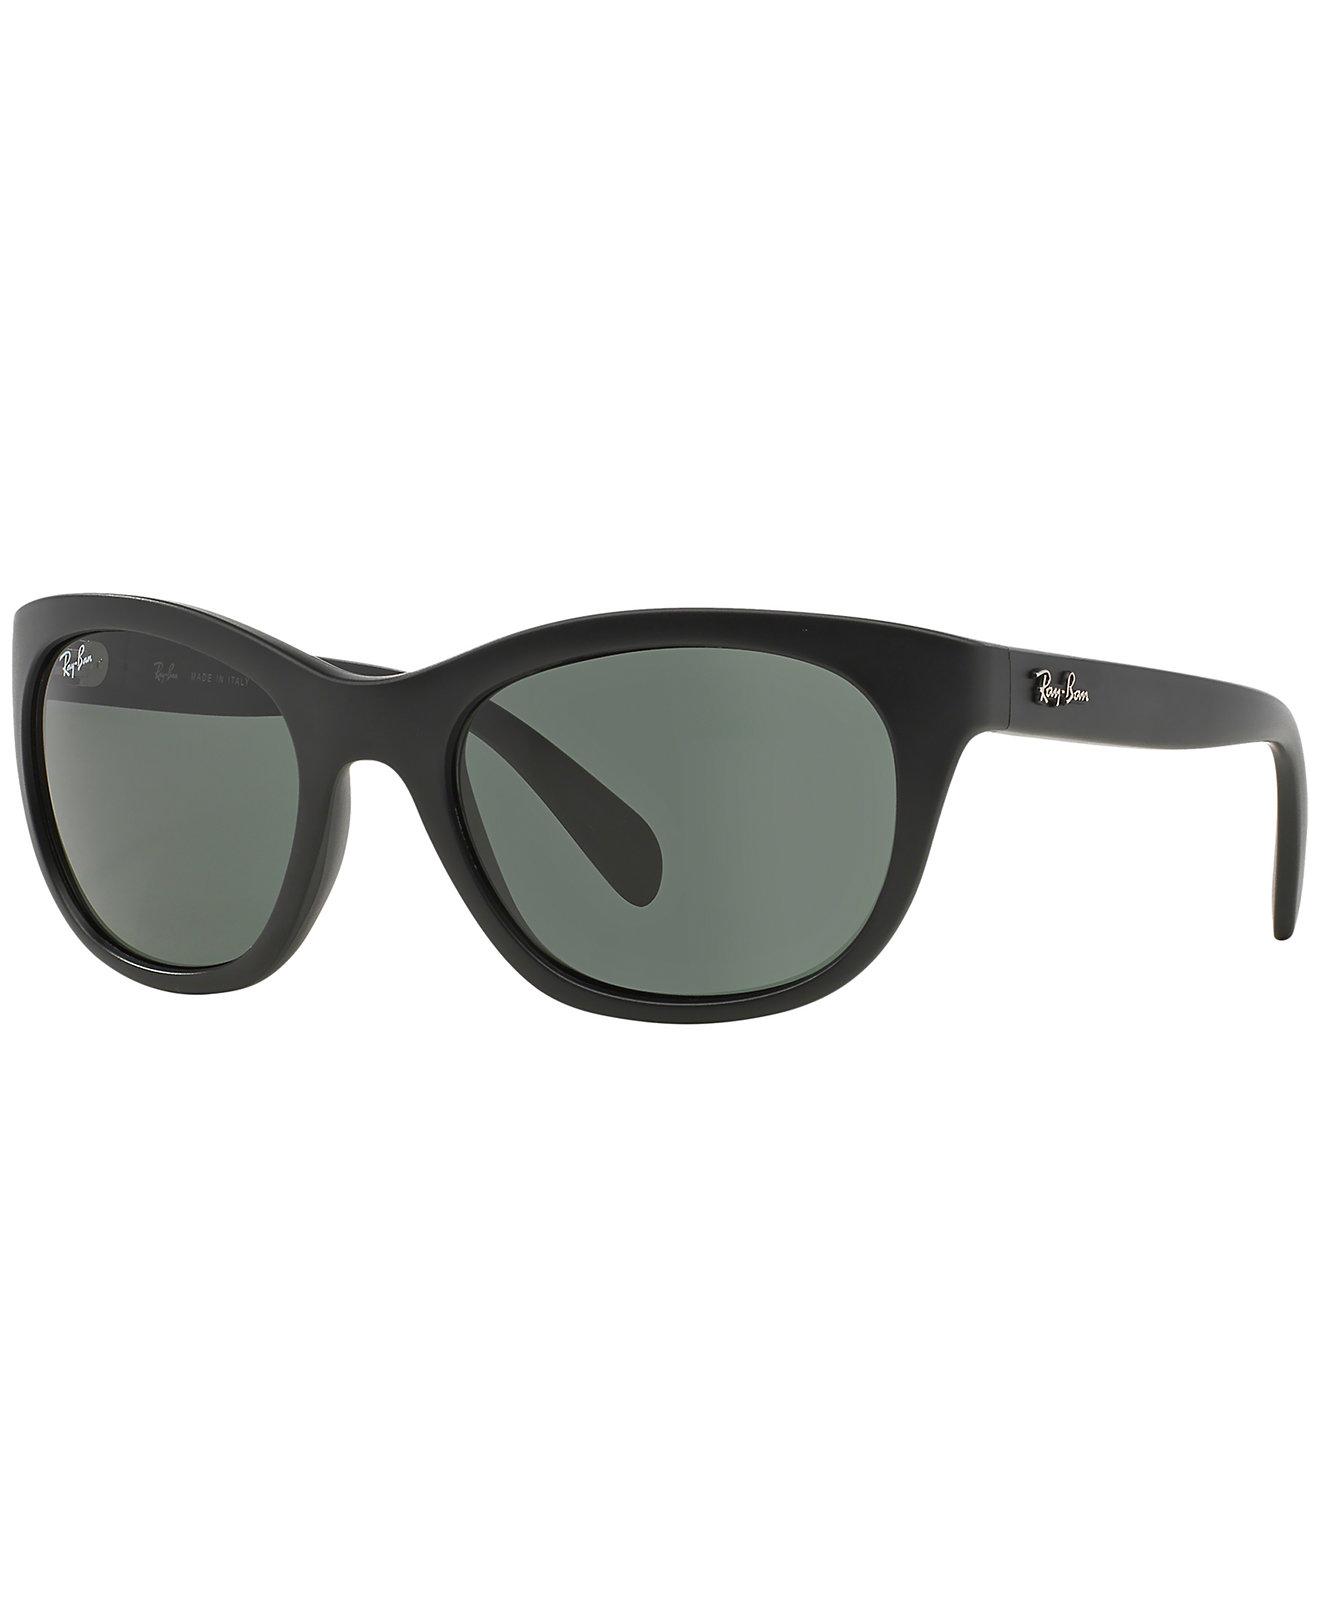 d9721430d5fdd oculos ray ban wayfarer groupon   ALPHATIER